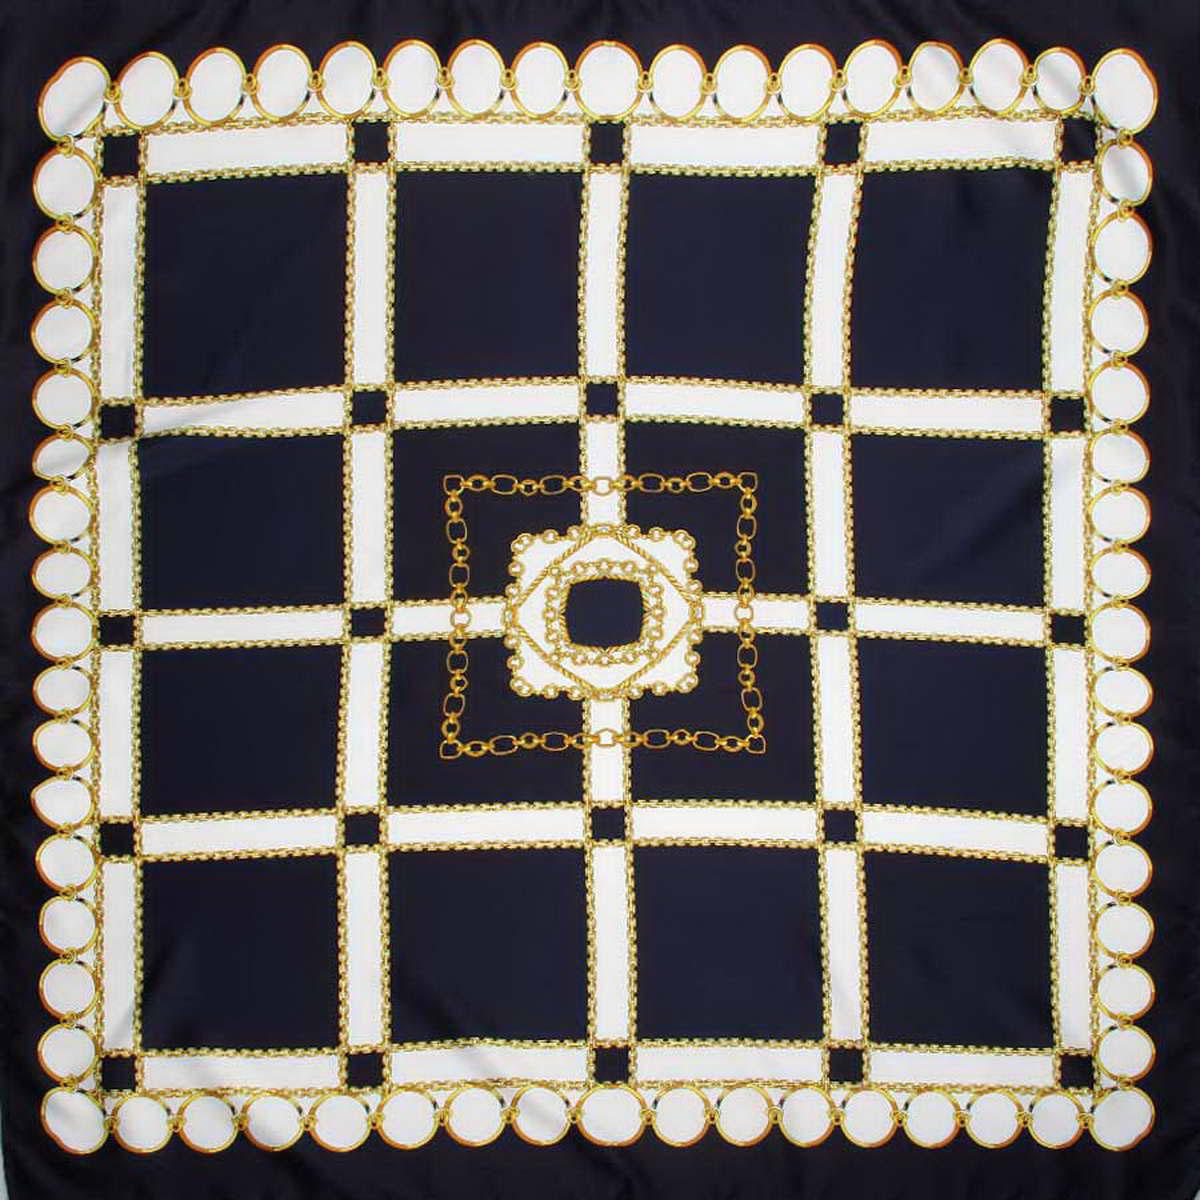 Платок3914783-02Стильный женский платок Venera станет великолепным завершением любого наряда. Платок изготовлен из полиэстера и оформлен принтом в виде цепей и колец. Классическая квадратная форма позволяет носить платок на шее, украшать им прическу или декорировать сумочку. Легкий и приятный на ощупь платок поможет вам создать изысканный женственный образ. Такой платок превосходно дополнит любой наряд и подчеркнет ваш неповторимый вкус и элегантность.